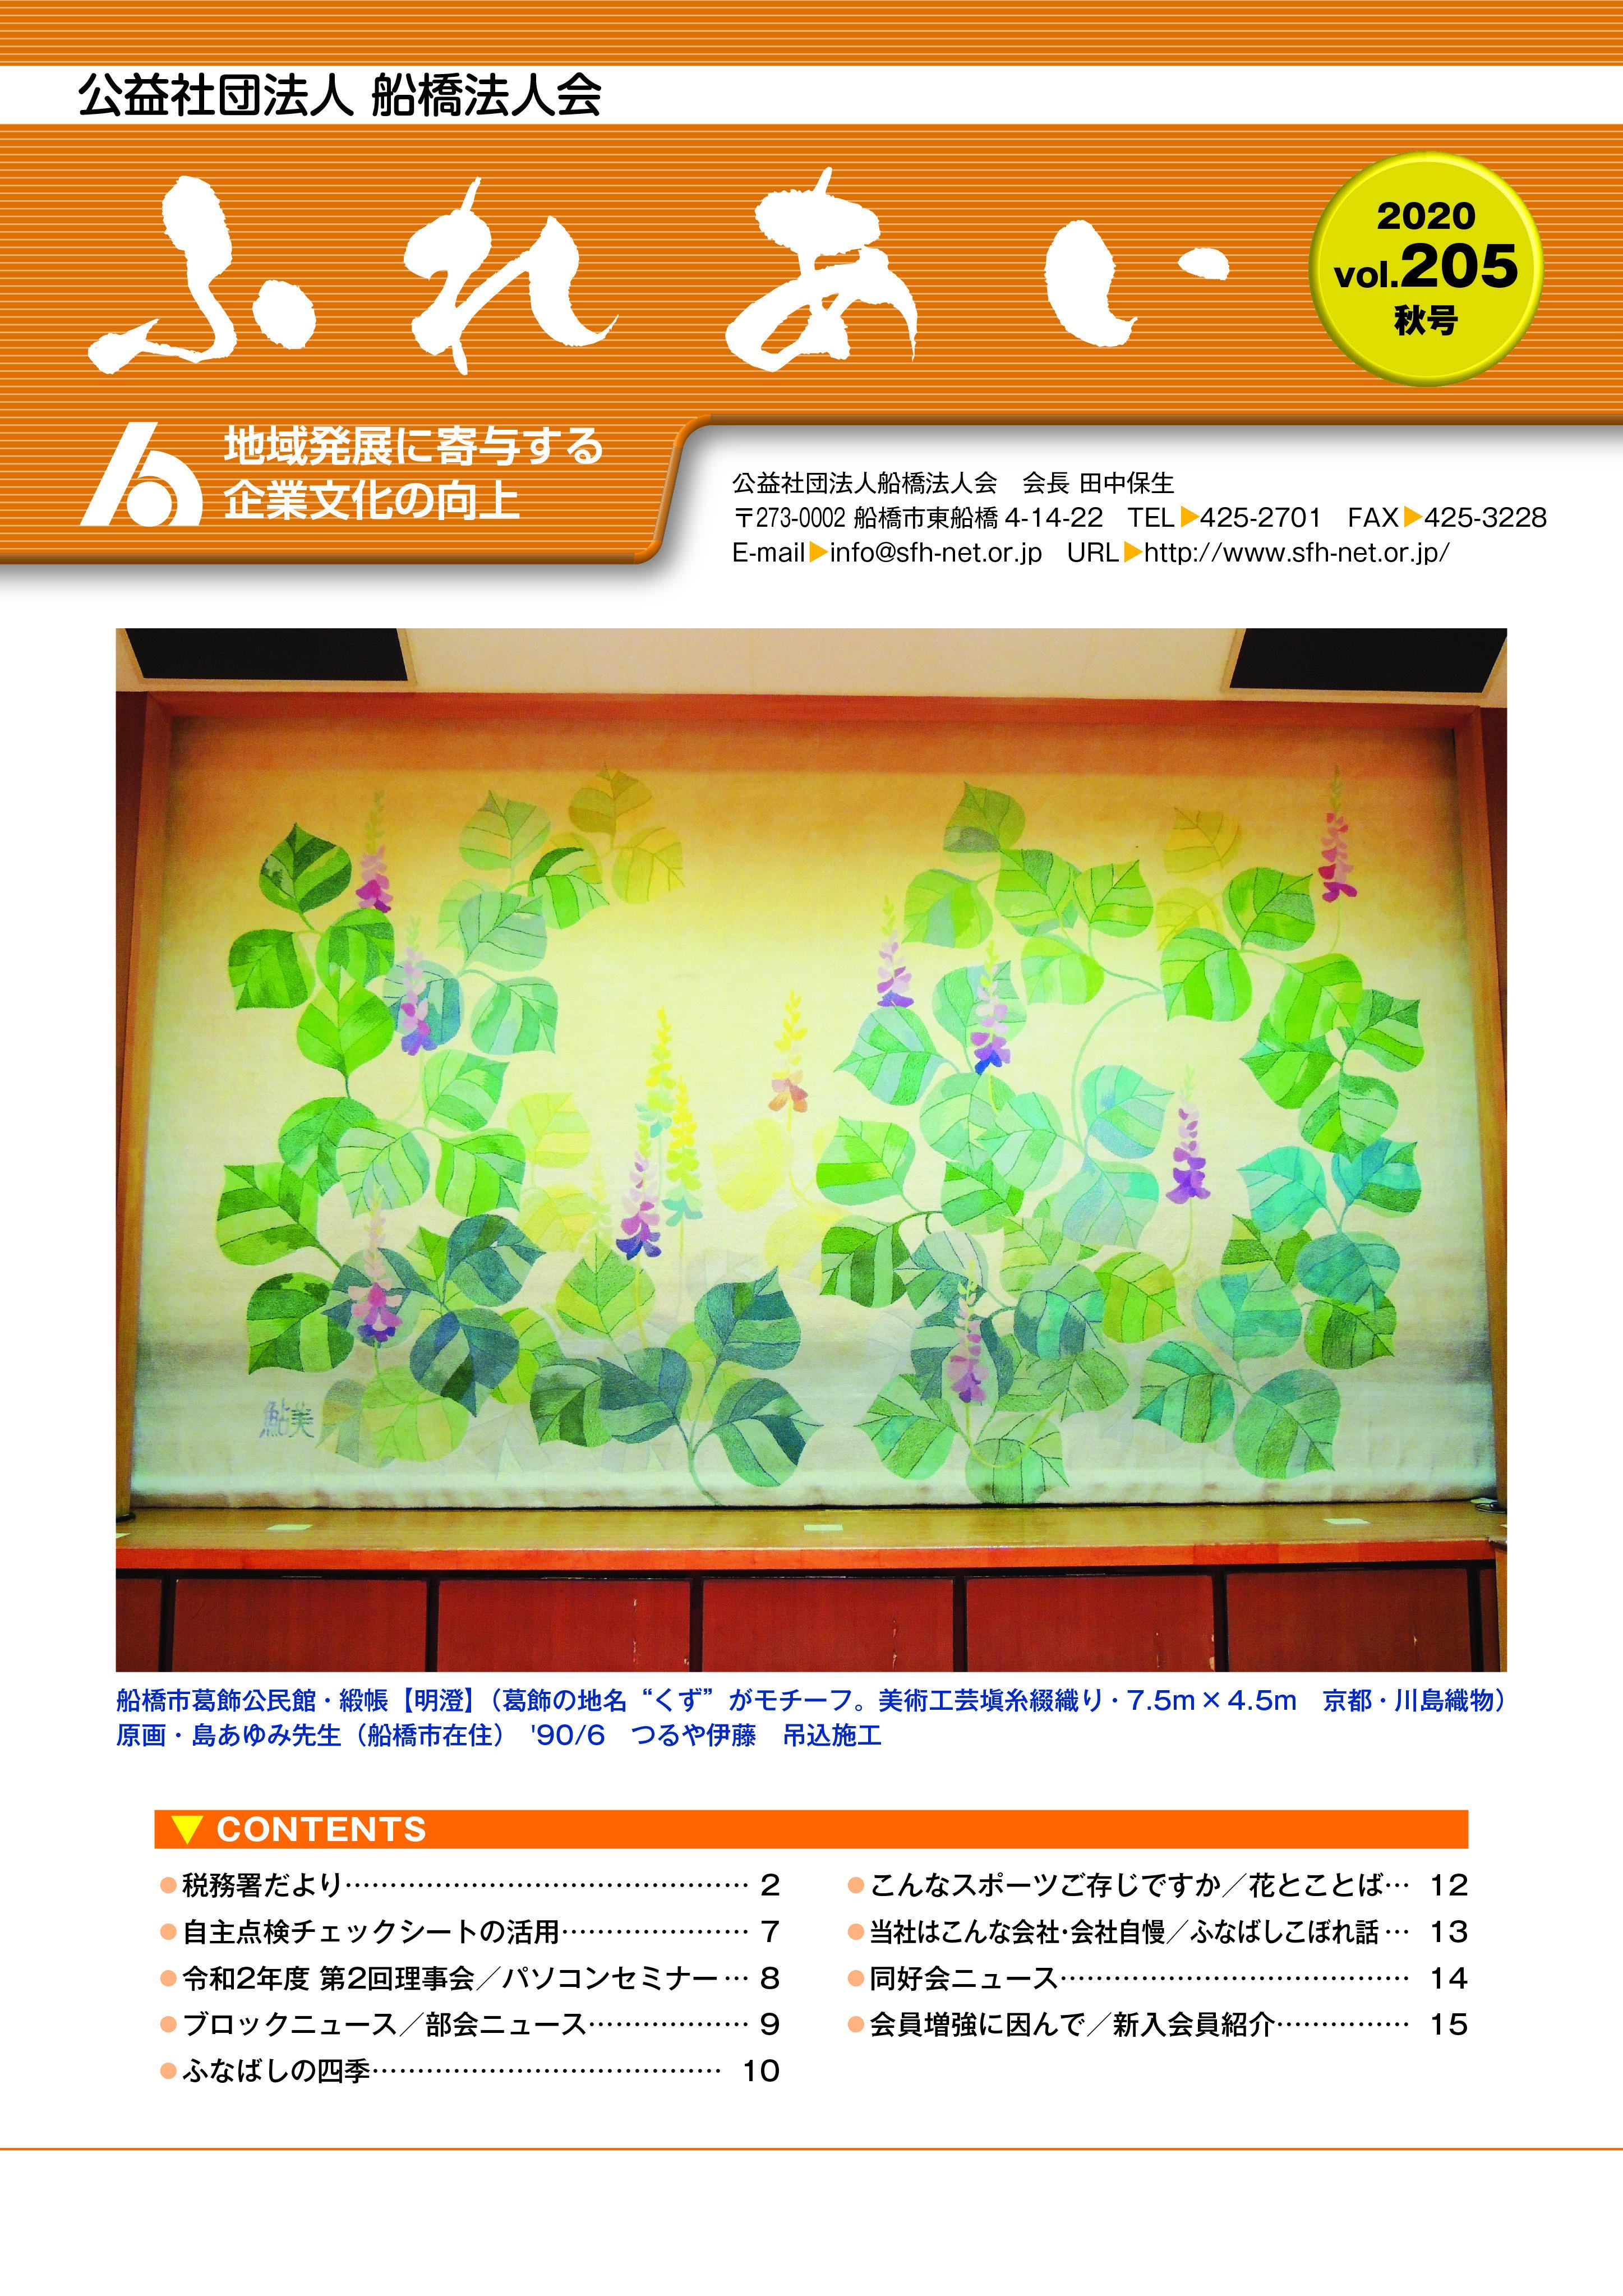 船橋法人会会報 ふれあい 第205号(2020.10)